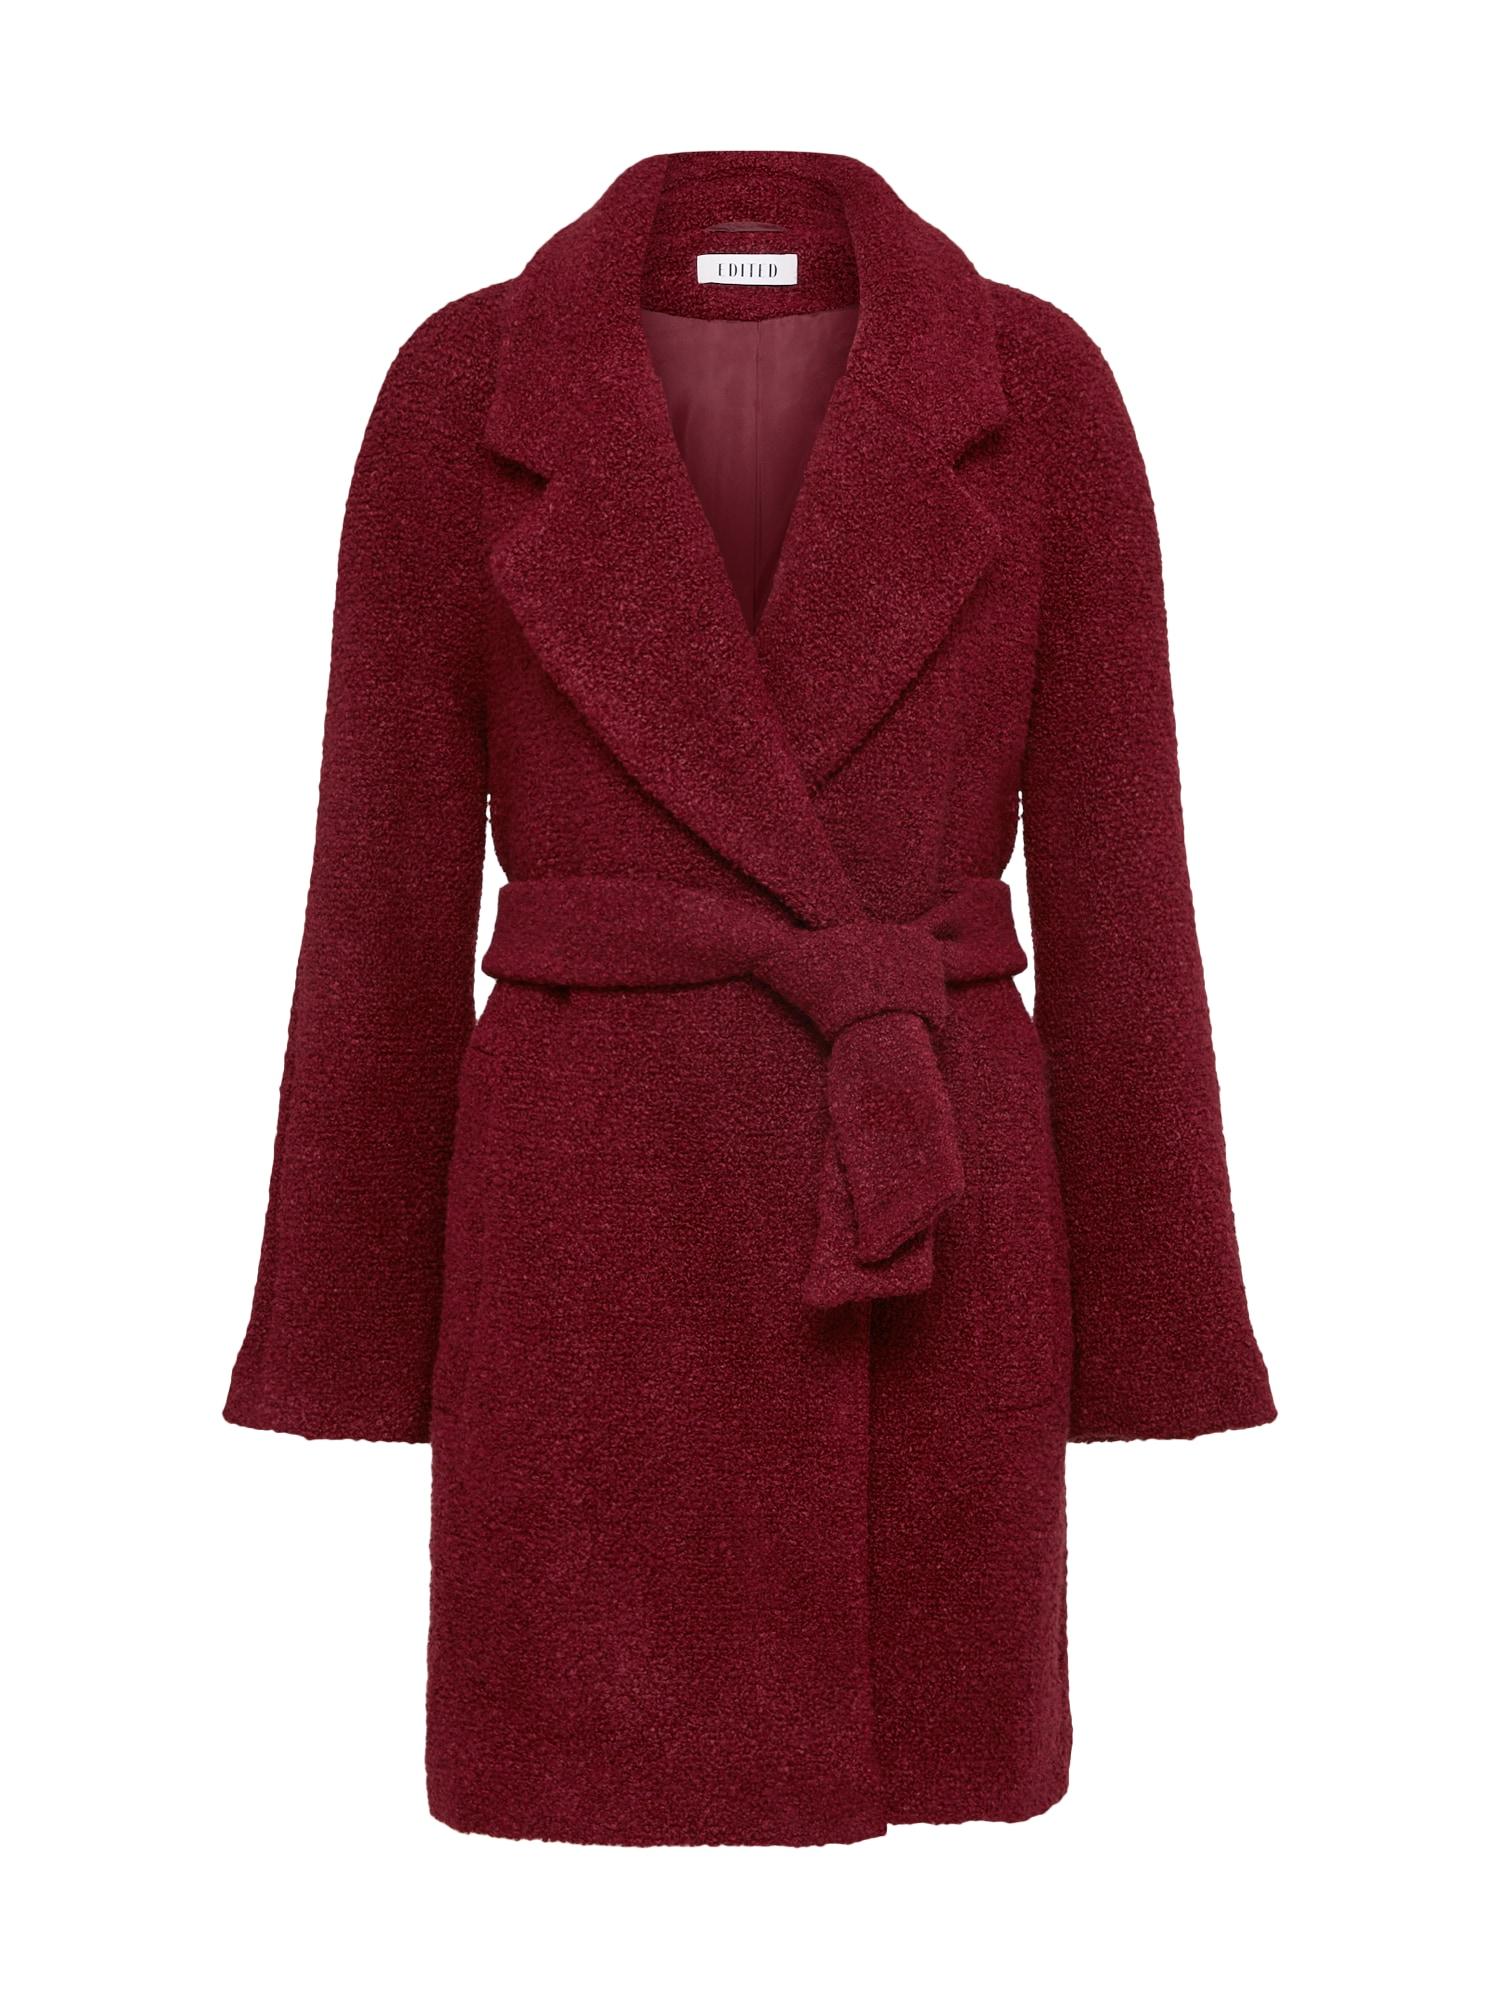 Zimní kabát Georgia bordó EDITED